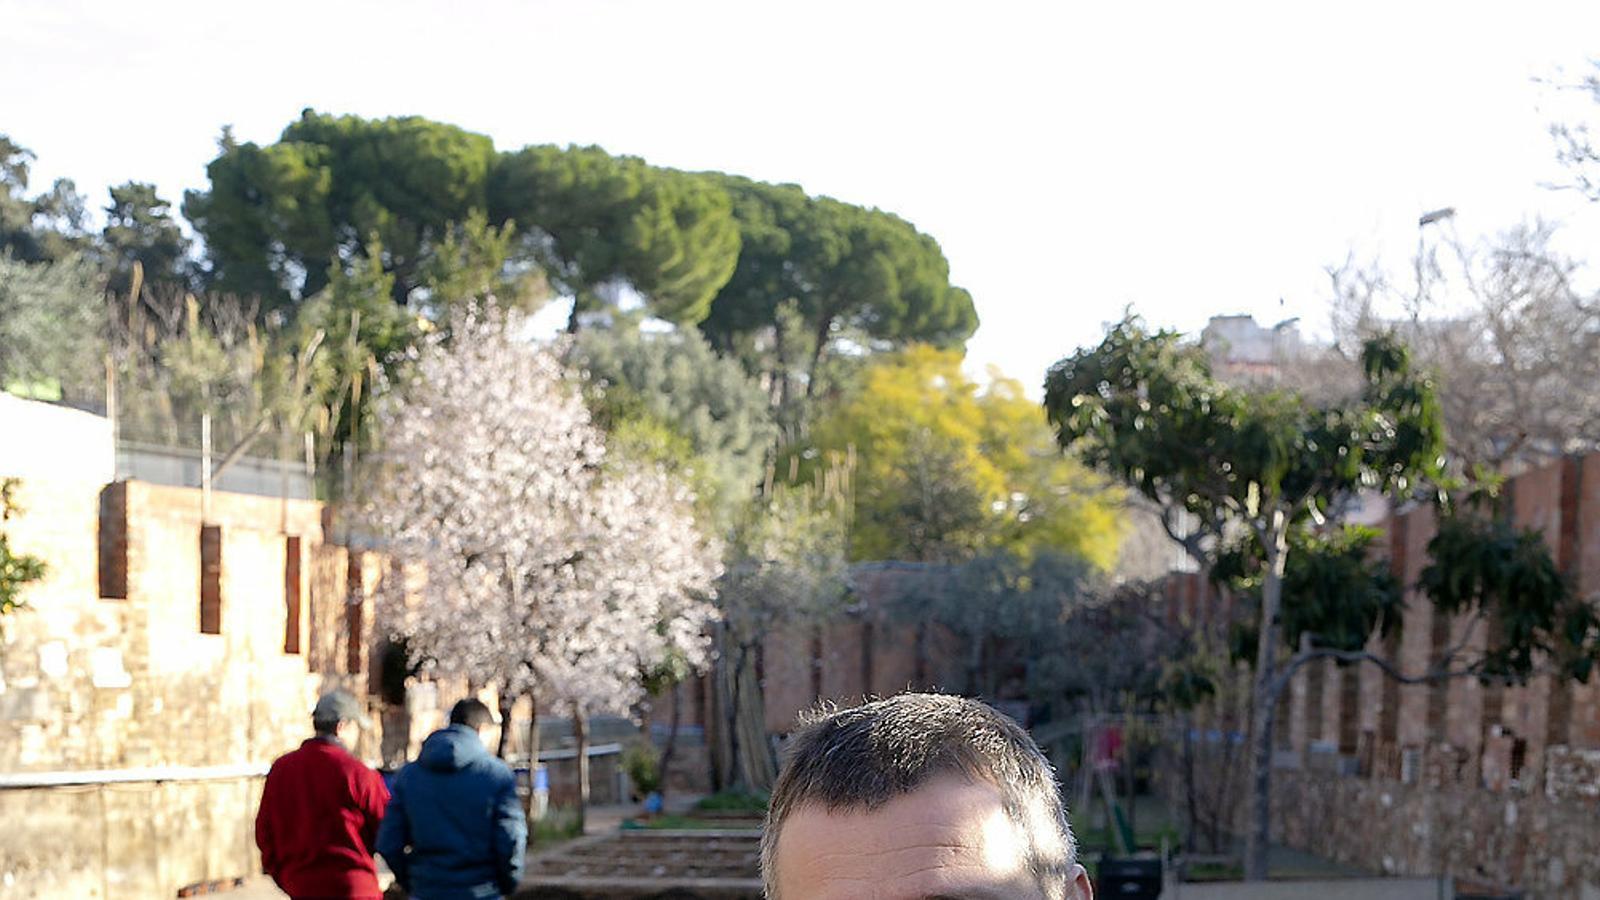 Marc Piquer al davant dels horts de Ca l'Eudald, una masia d'Horta ubicada a la part baixa del carrer Llobregós.